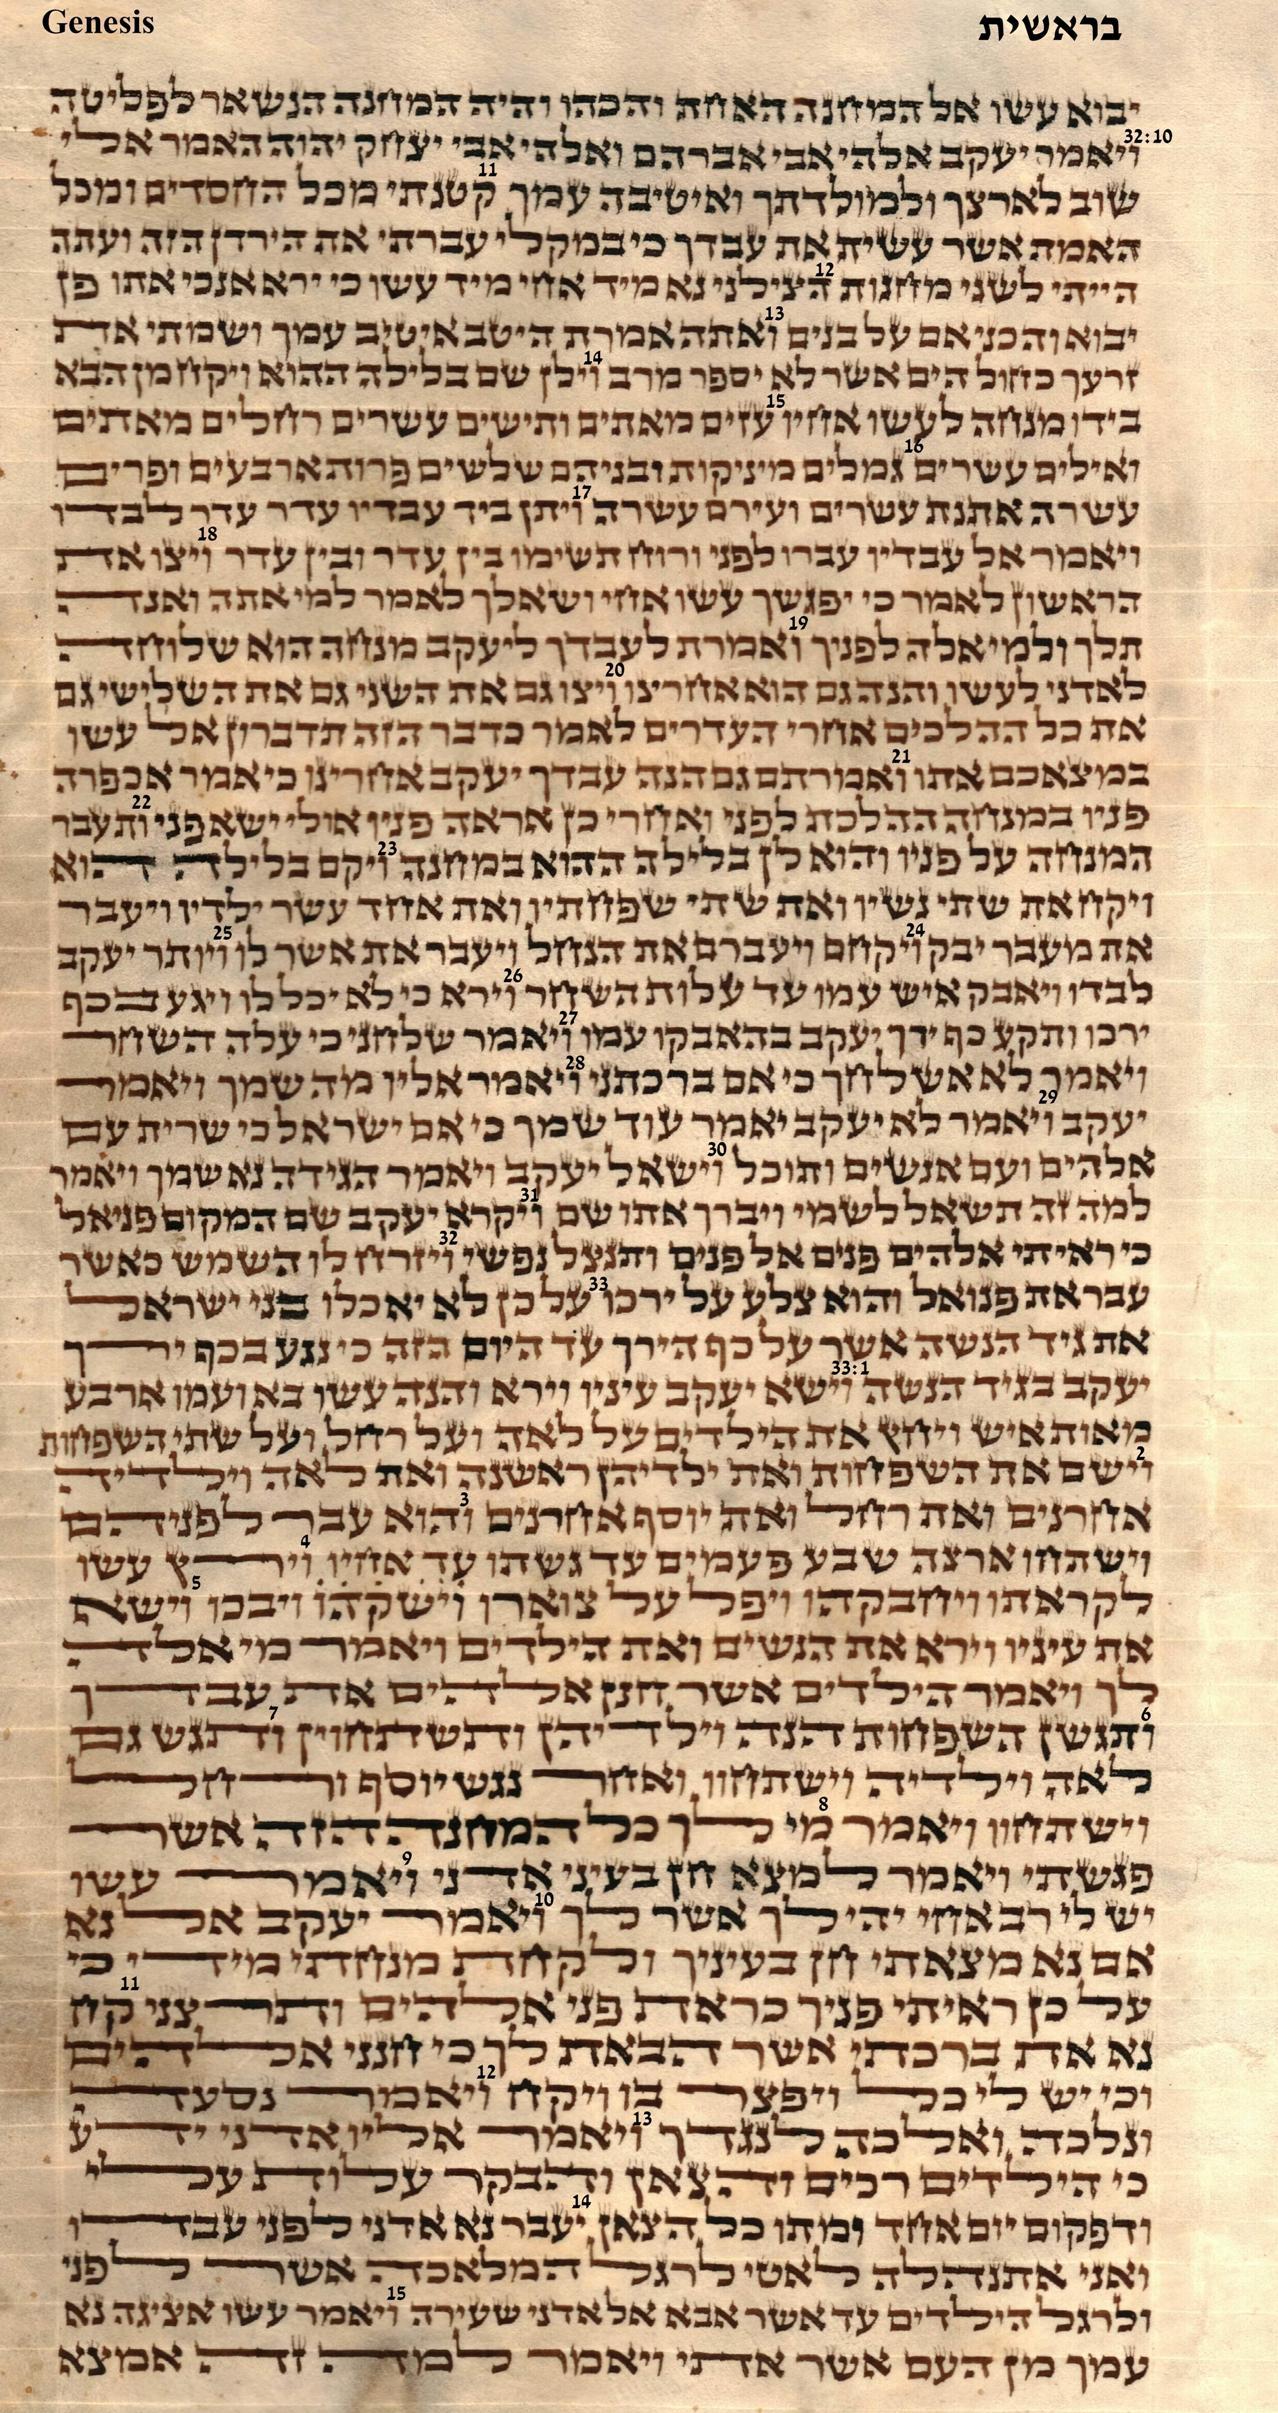 Genesis 32.10 - 33.15